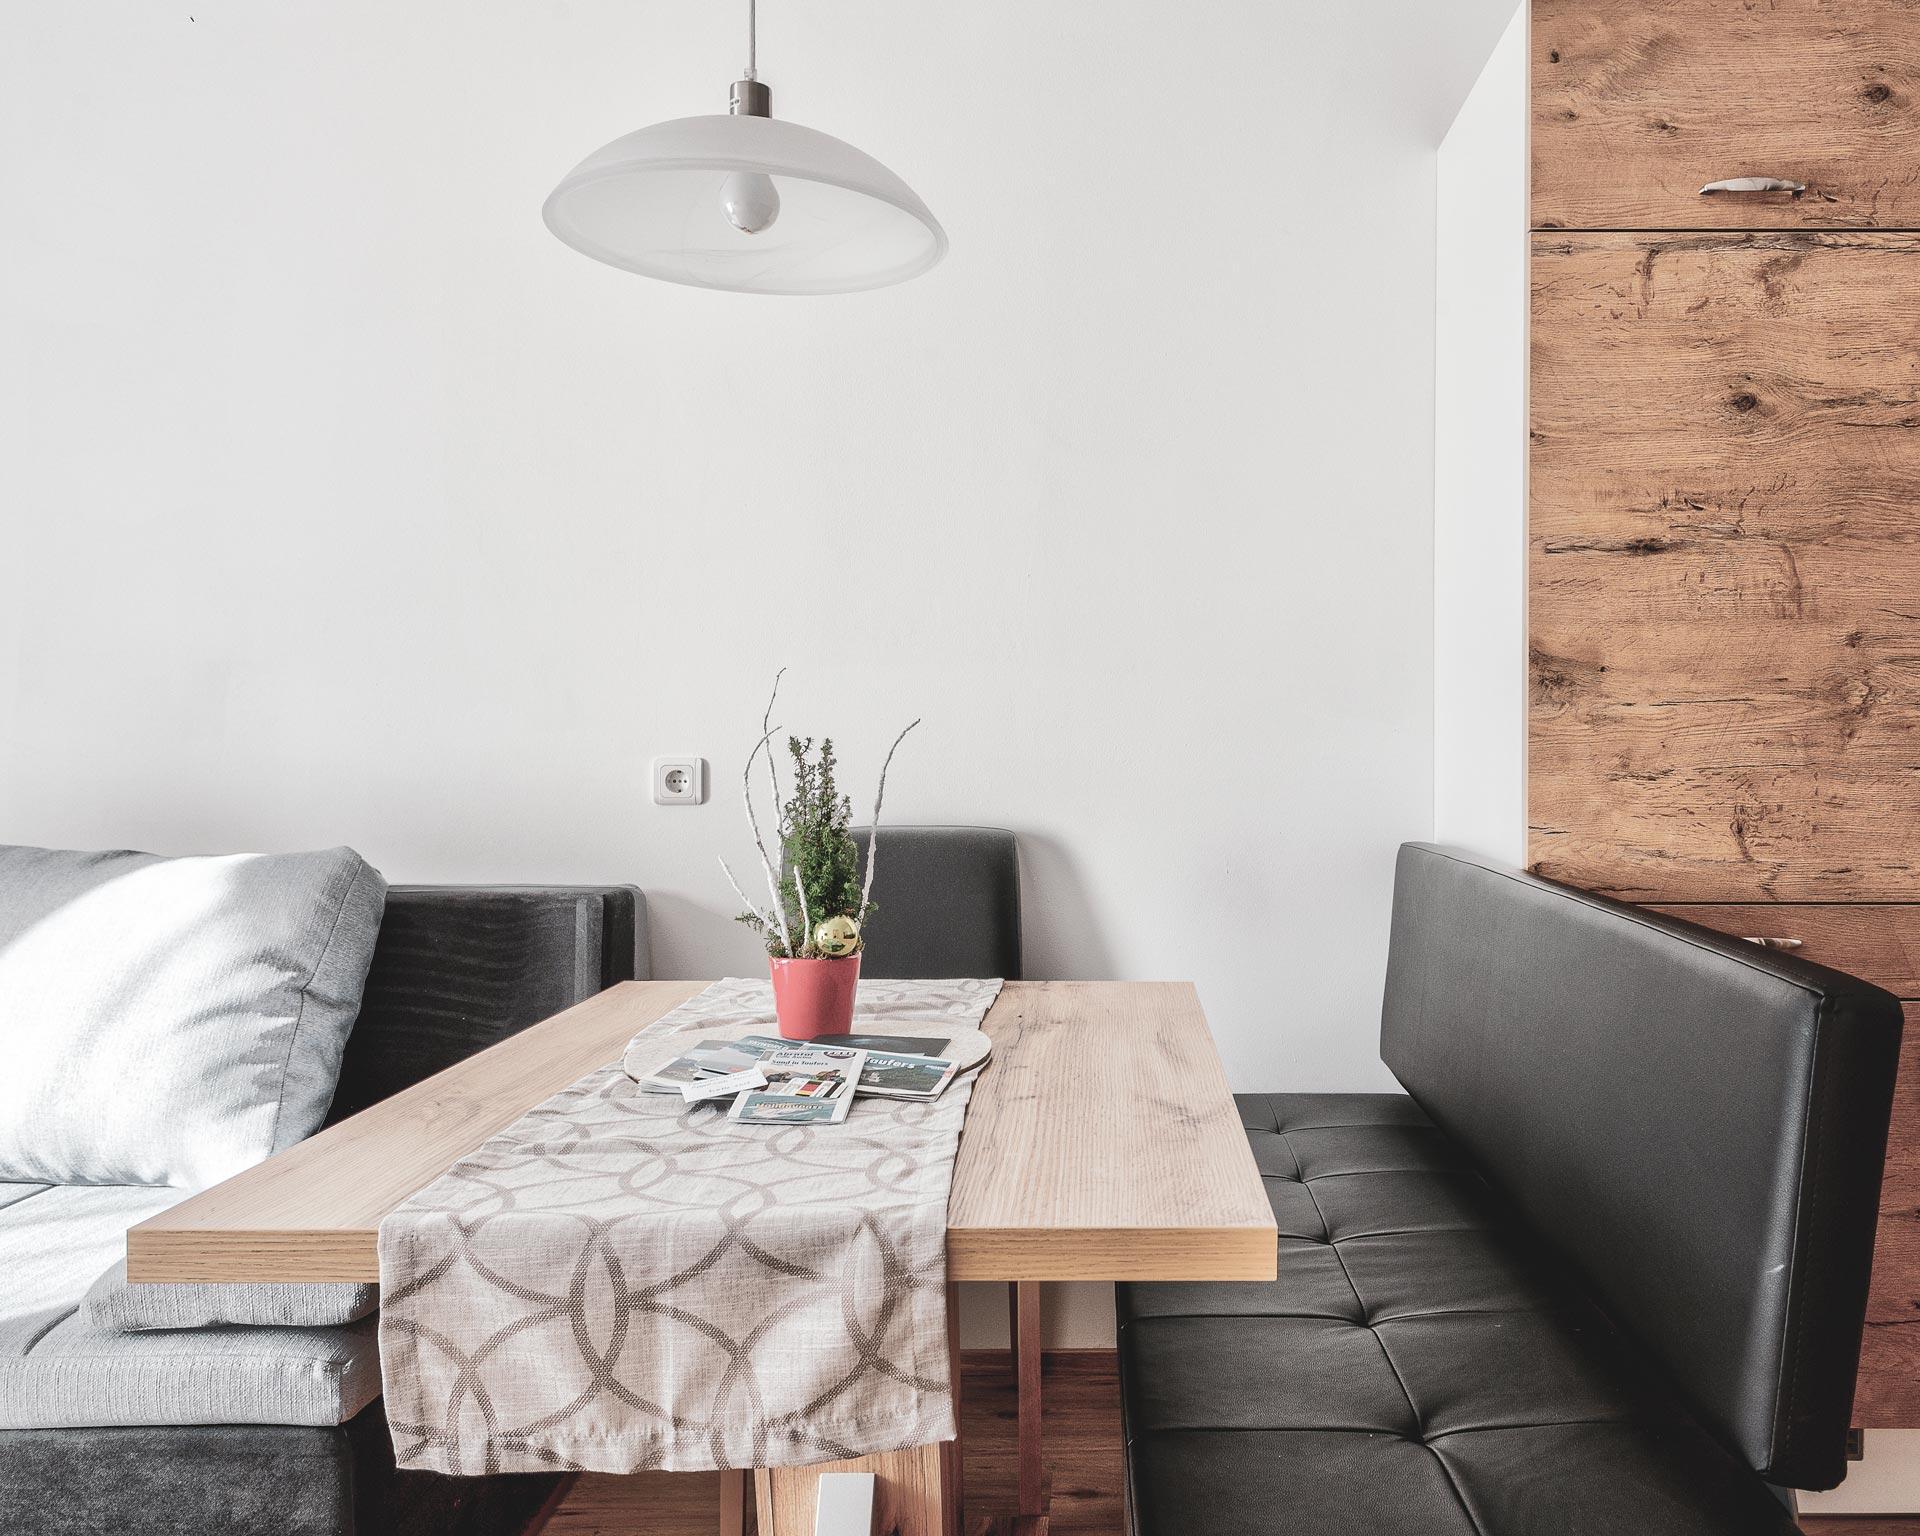 wohnküche esstisch appartement kematen pfarrwirt sand in taufers